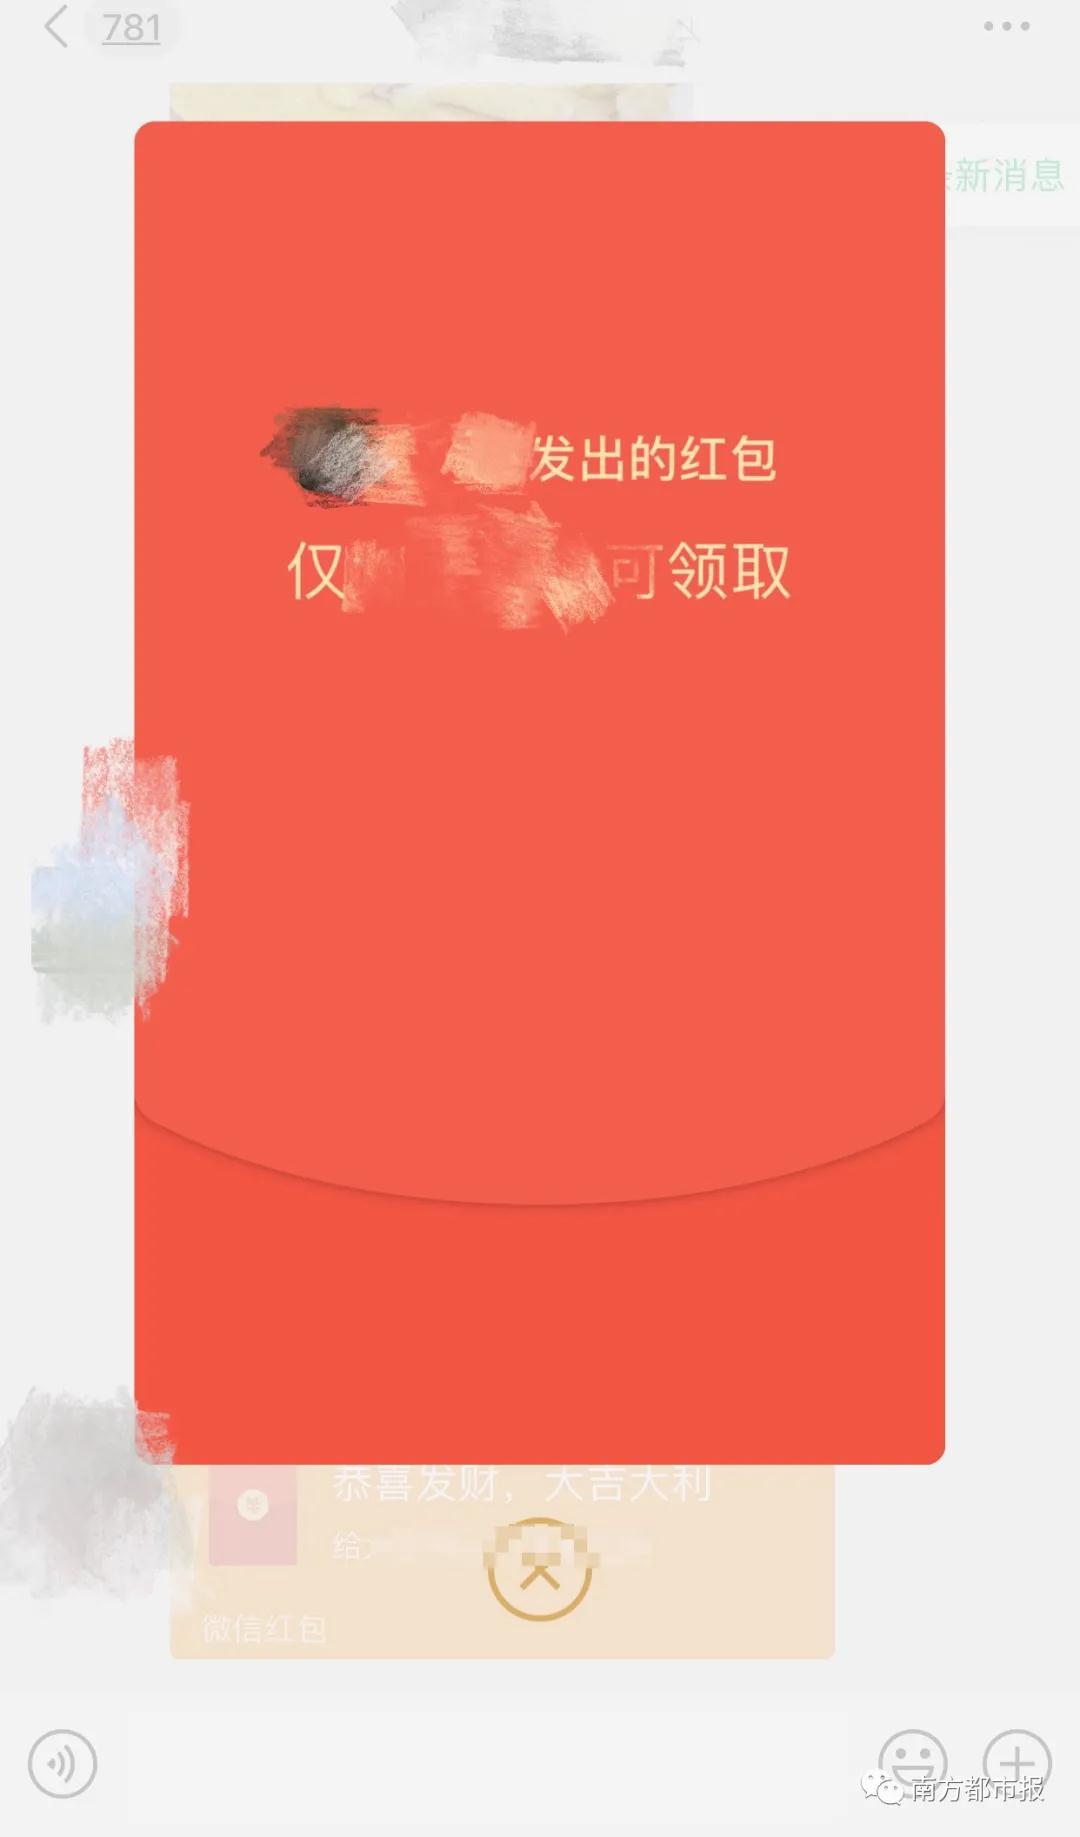 微信图片_20210210085650.jpg